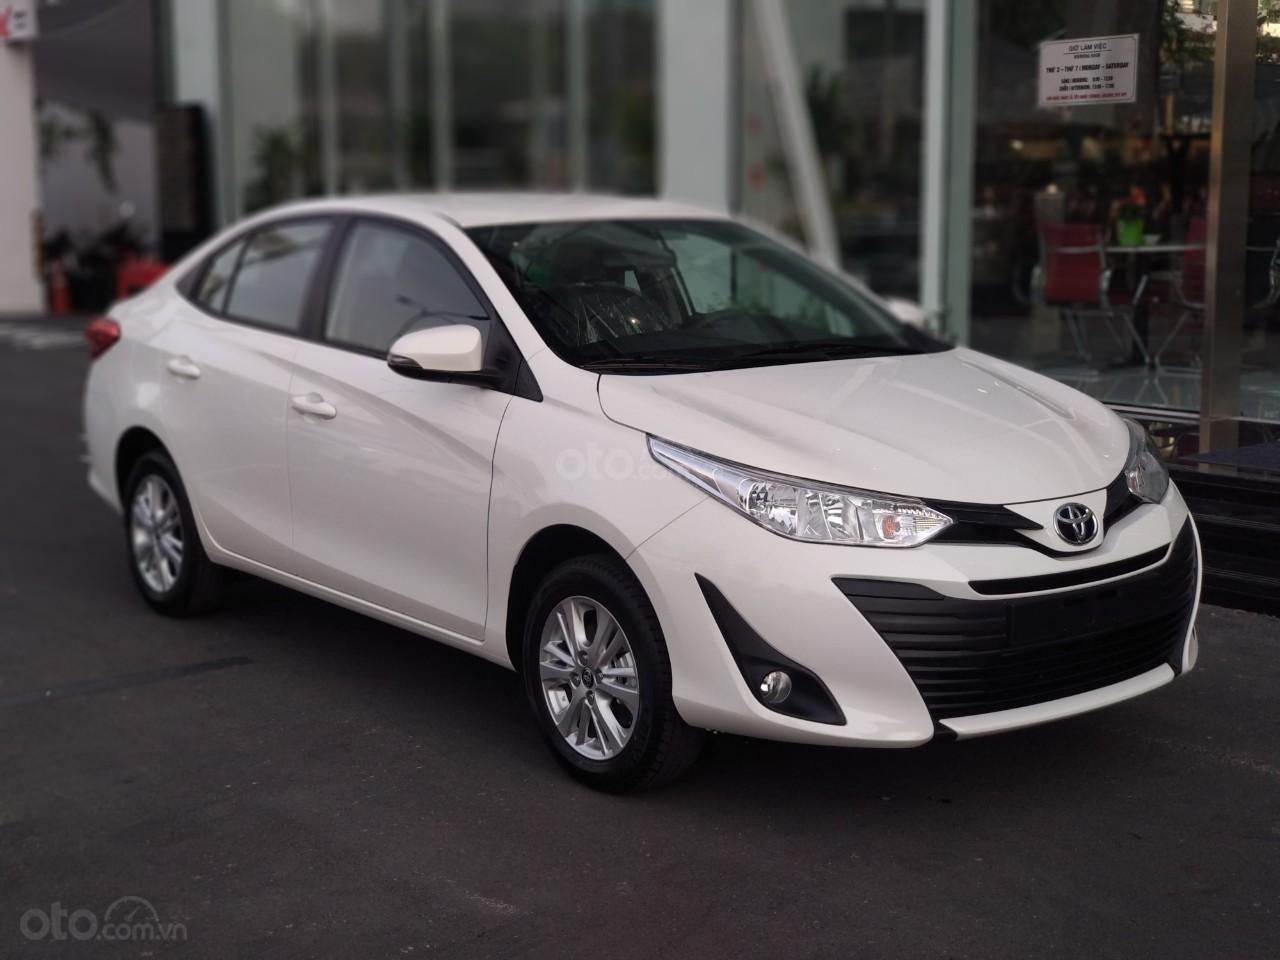 Toyota Vios 1.5E, cam kết giá tốt - cạnh tranh, trả trước 120 triệu - hỗ trợ ngân hàng - lãi suất thấp (1)